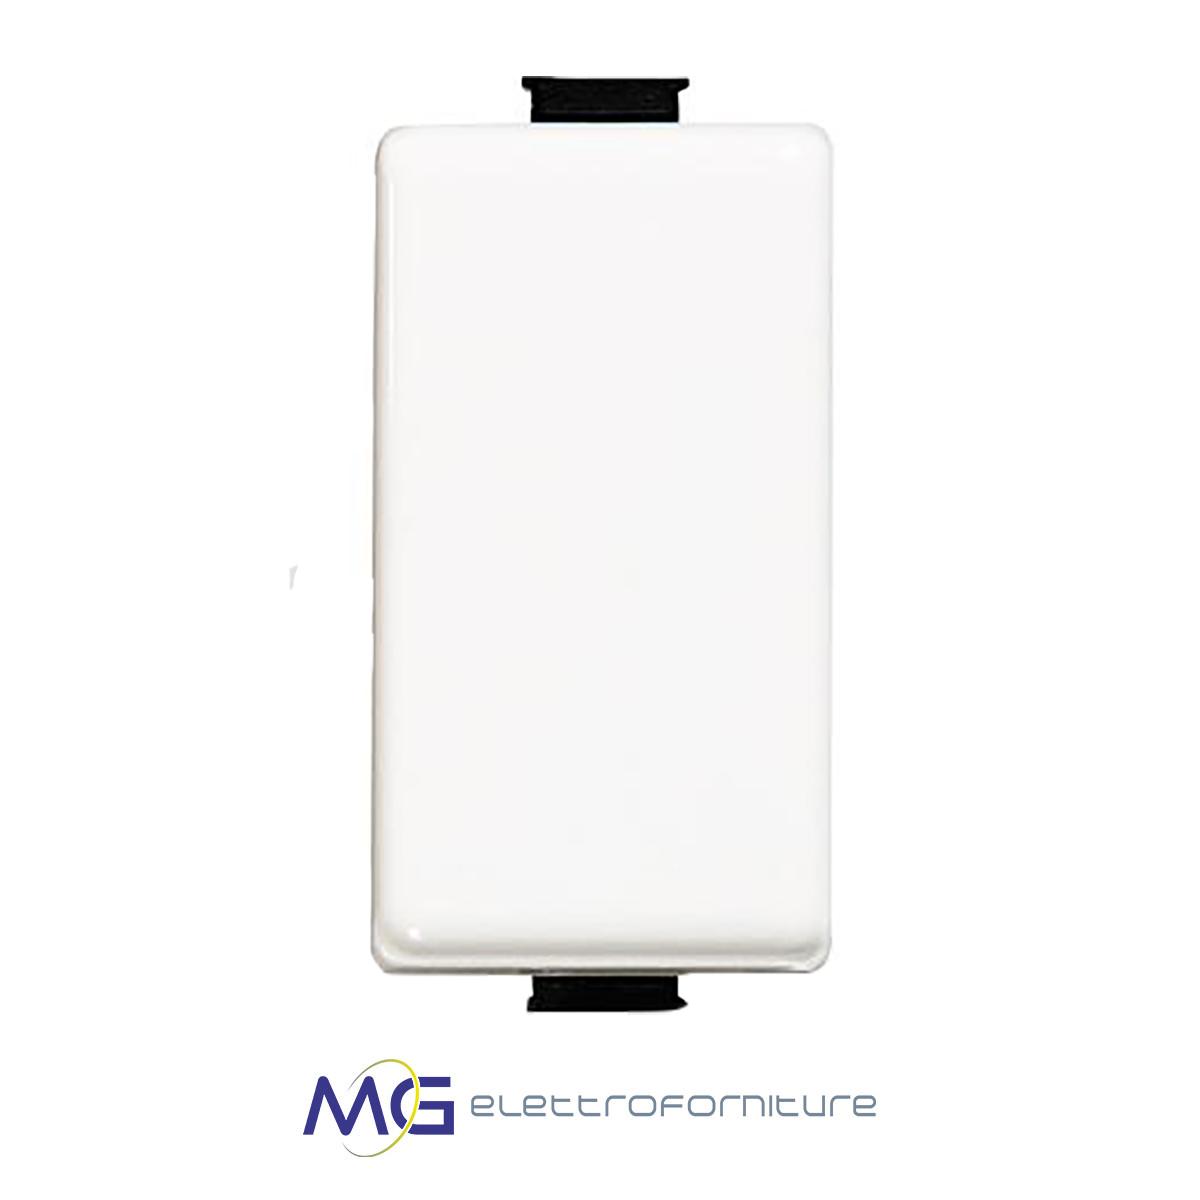 Bticino Matix Interruttore 1P 16A bianco AM5001